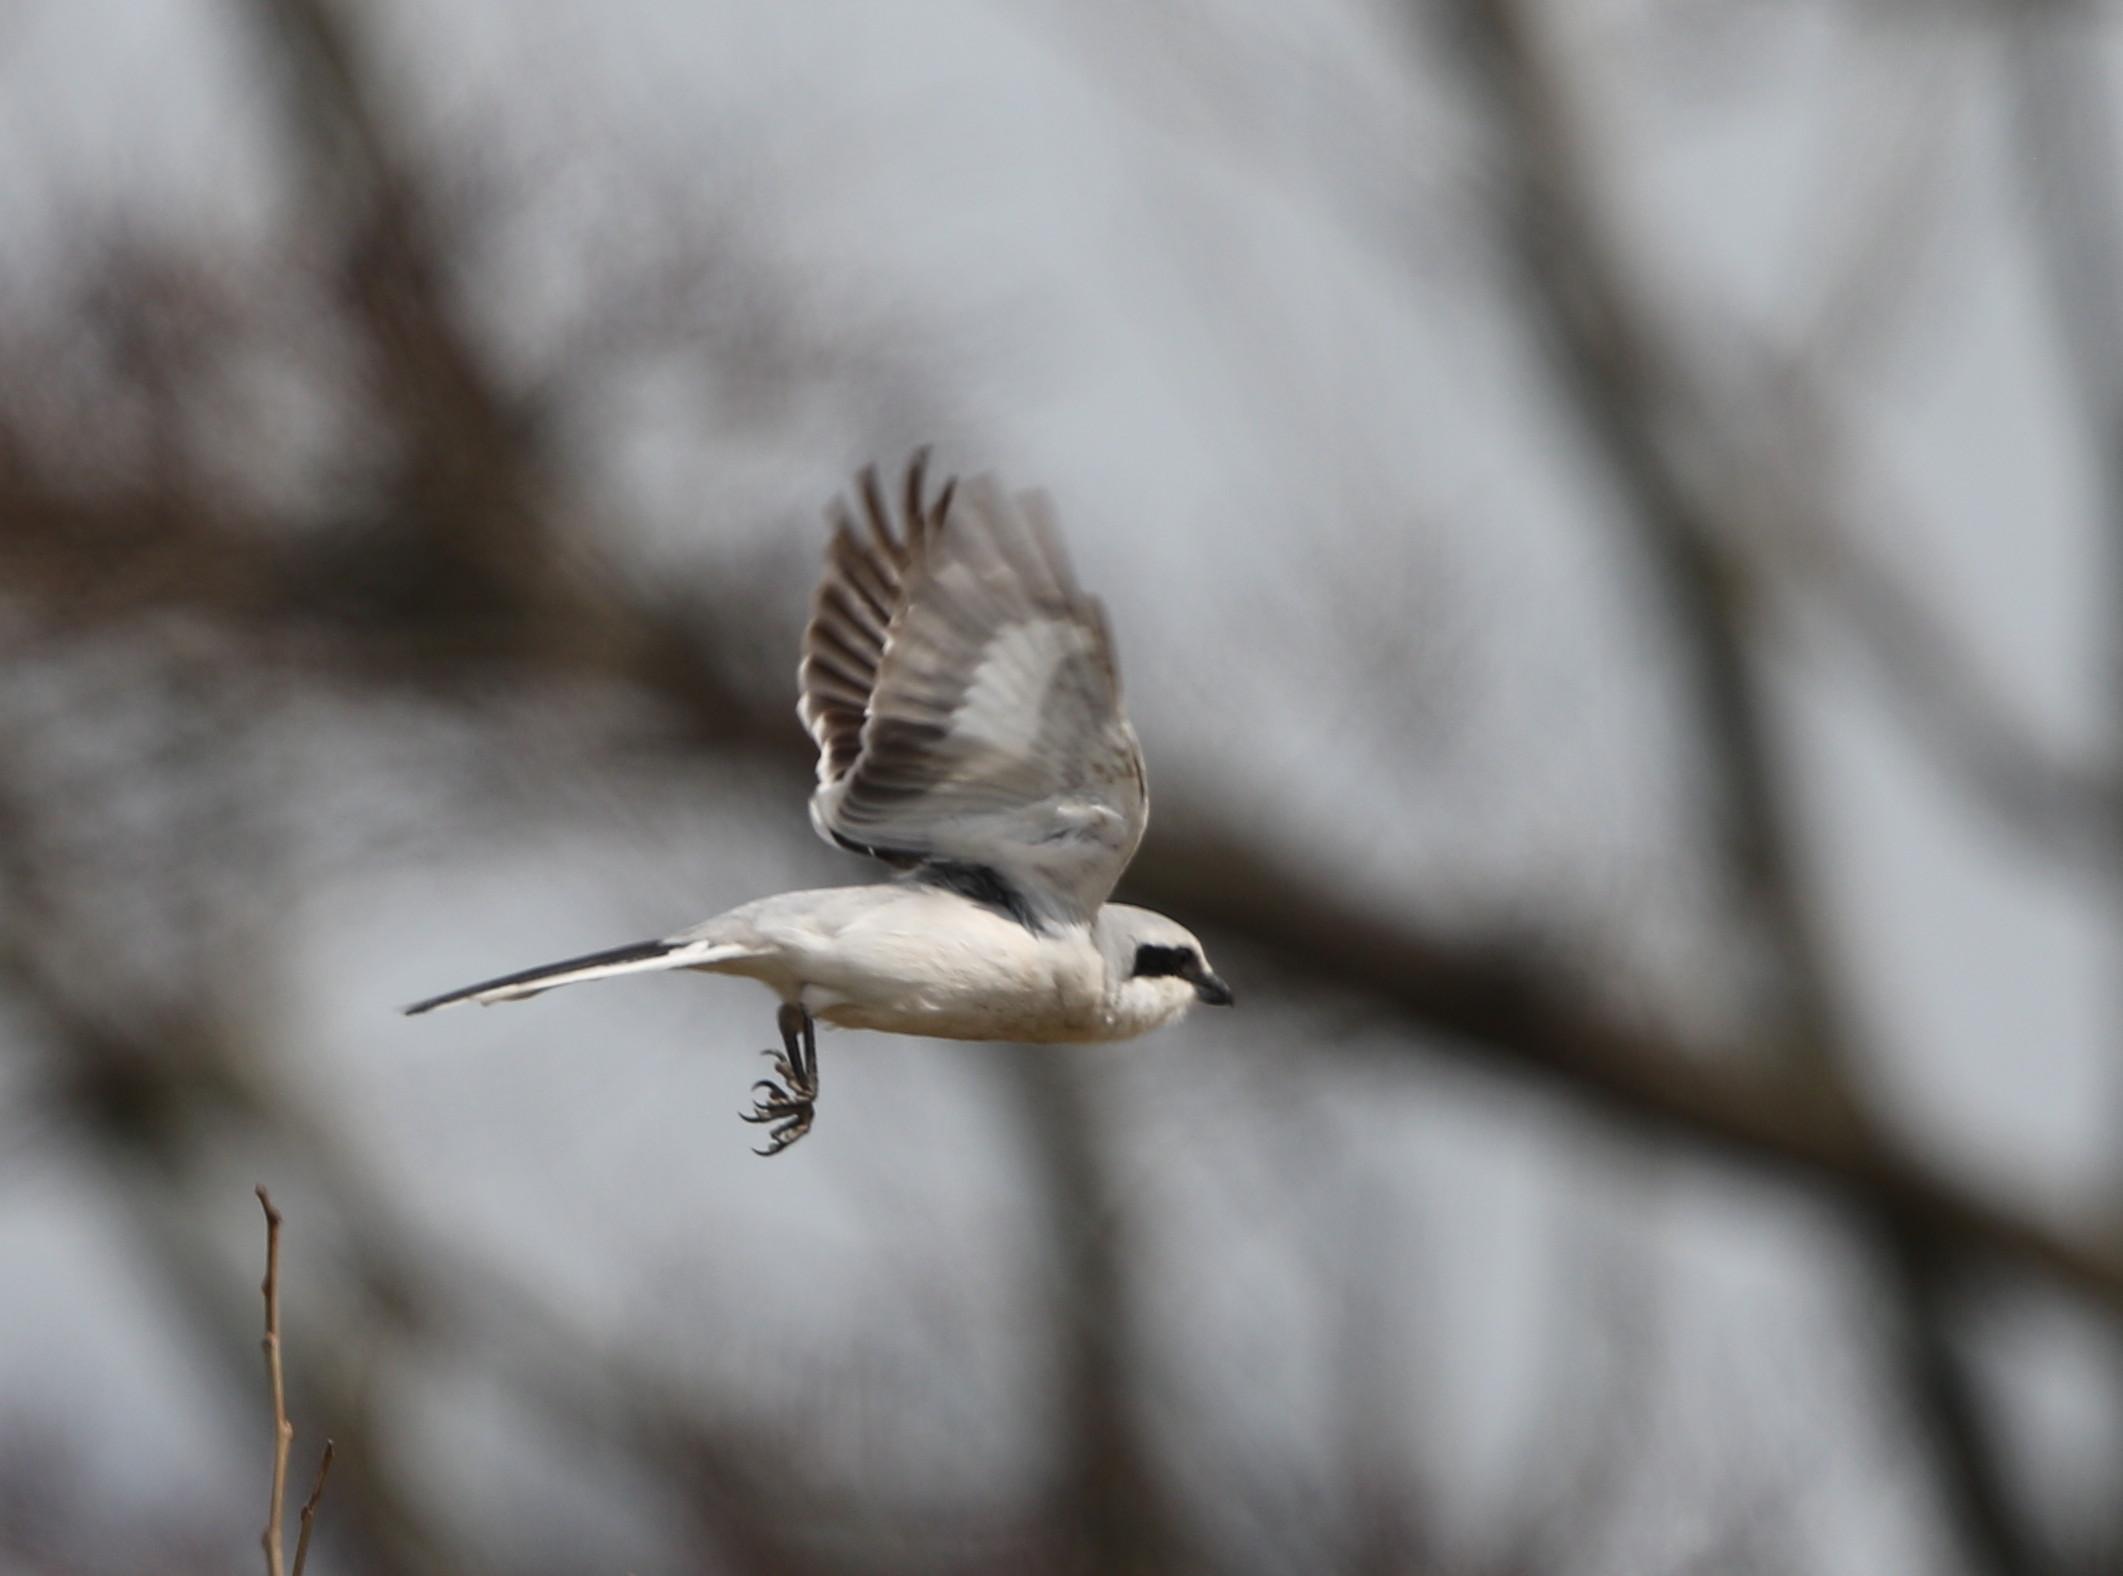 珍鳥オオカラモズに逢いに出かけてきました_f0239515_1842115.jpg